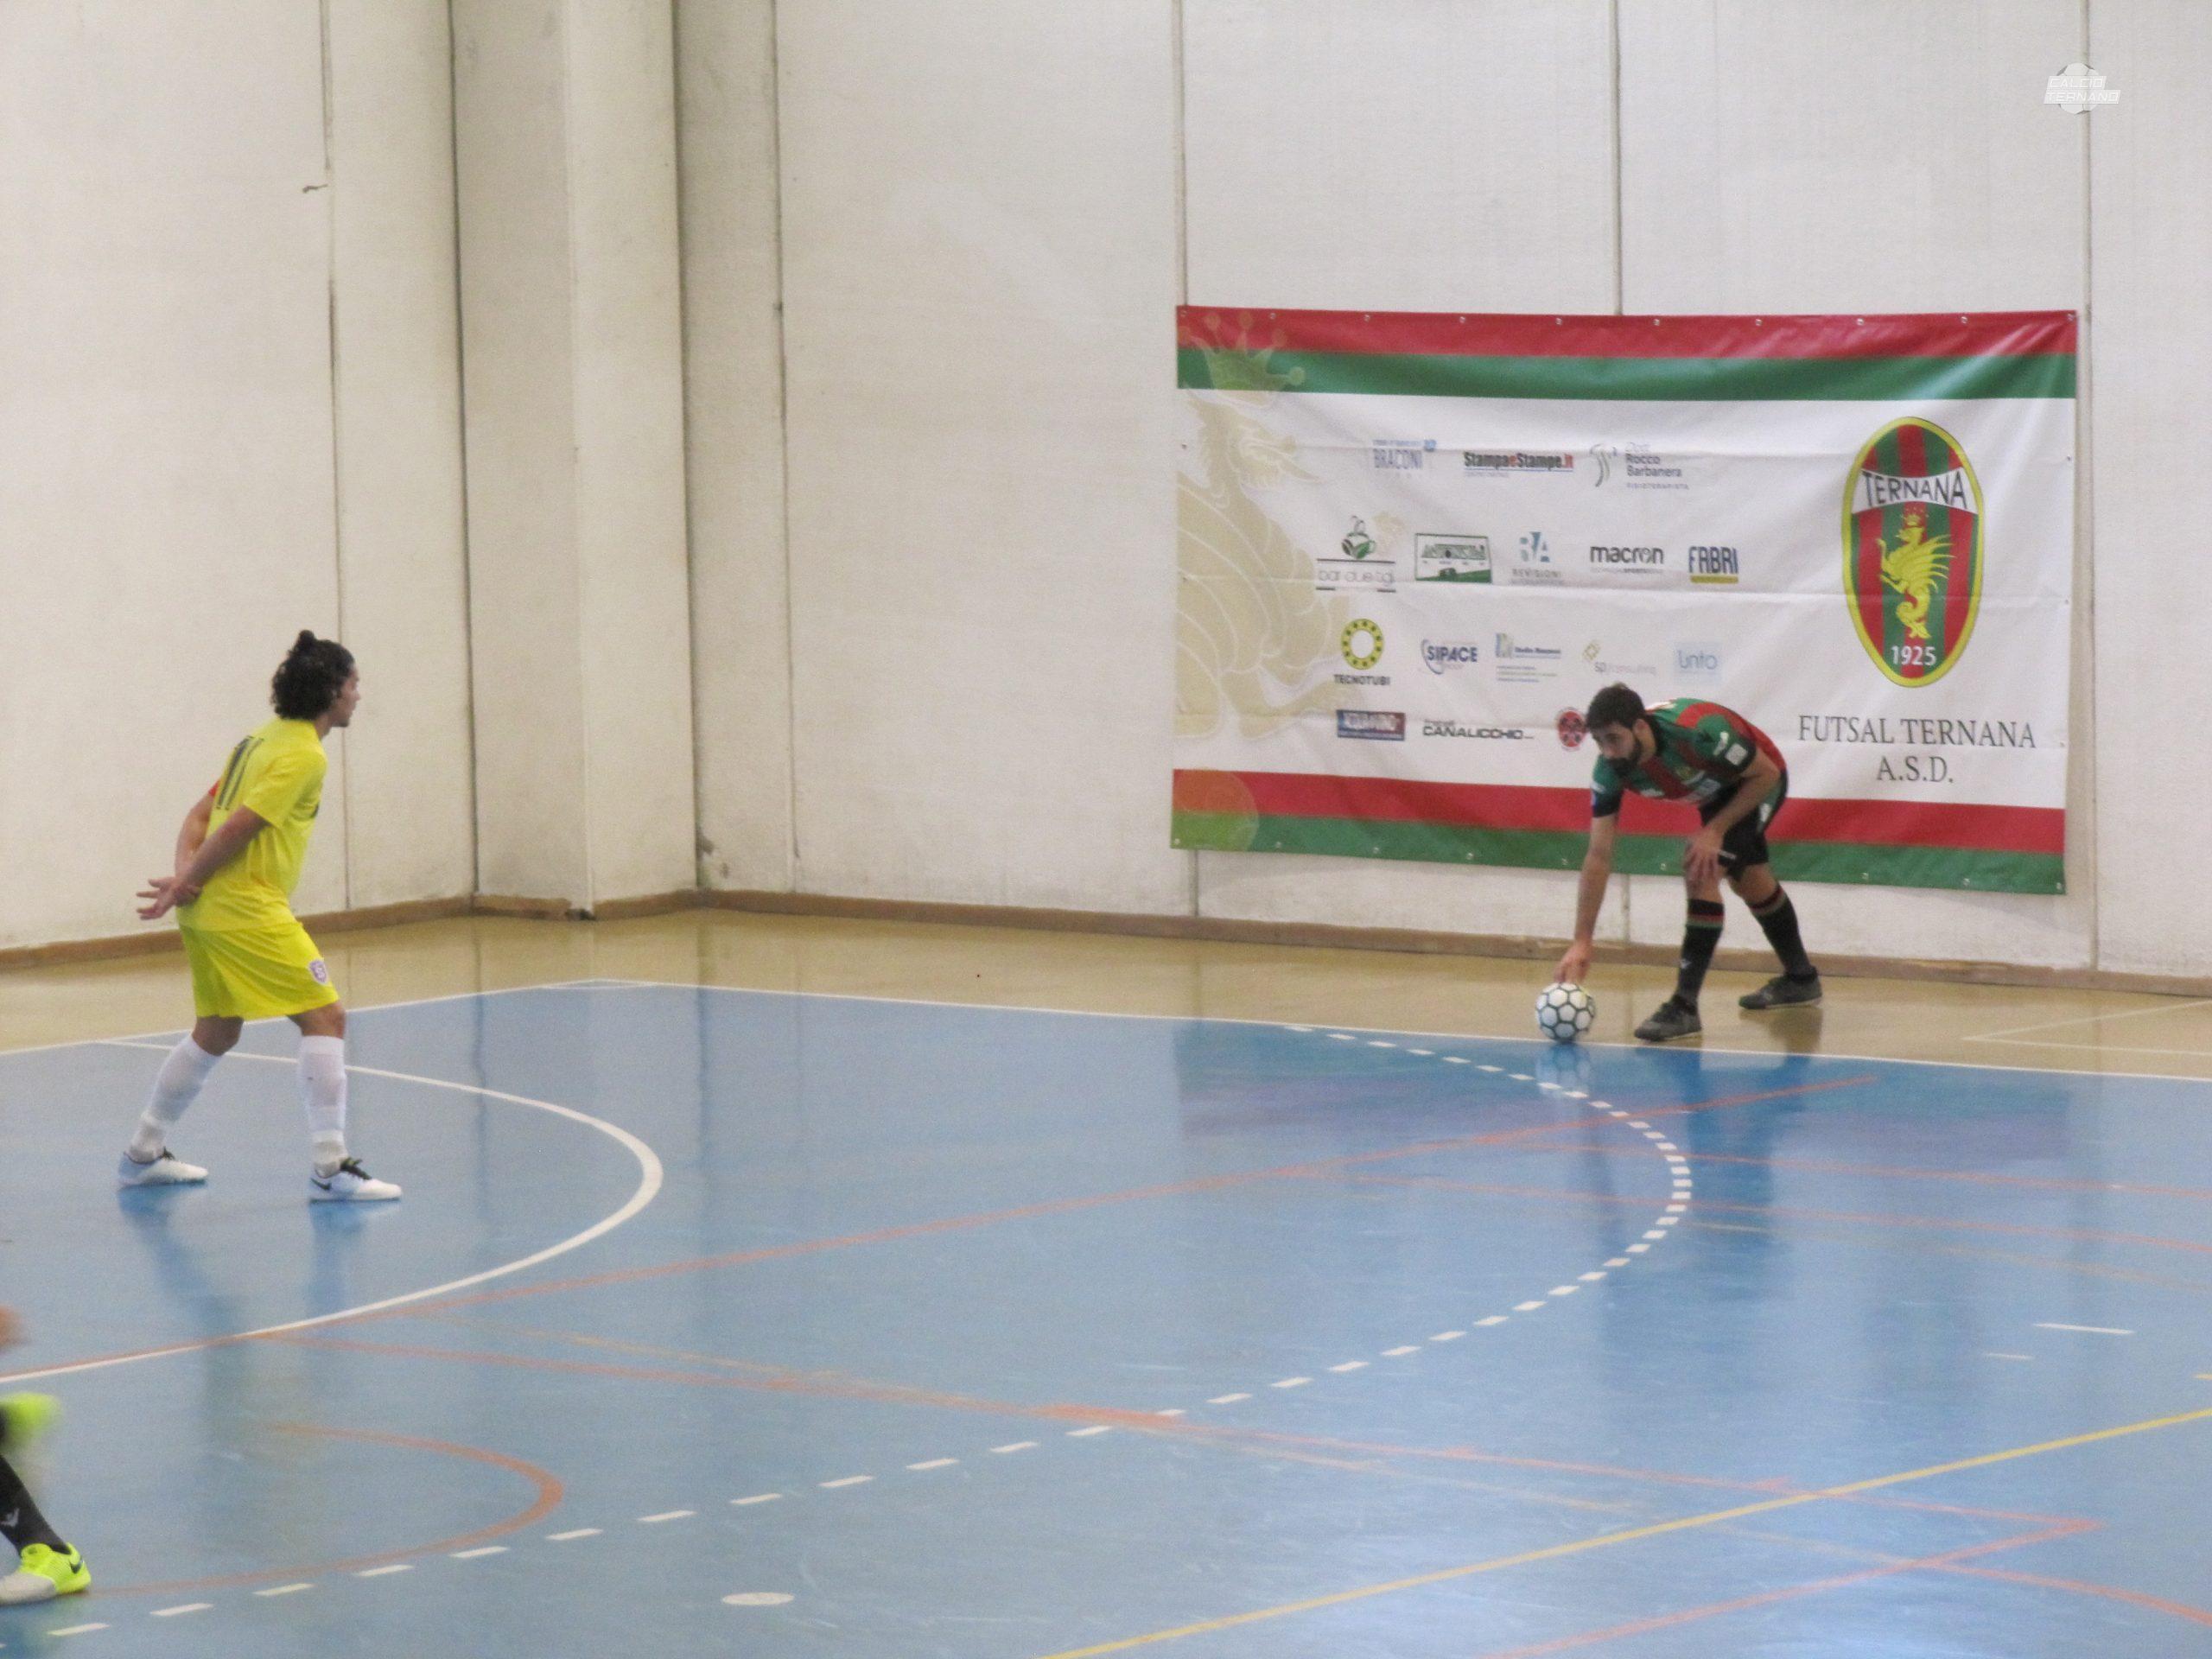 Futsal Ternana vs Eta Beta Paolucci